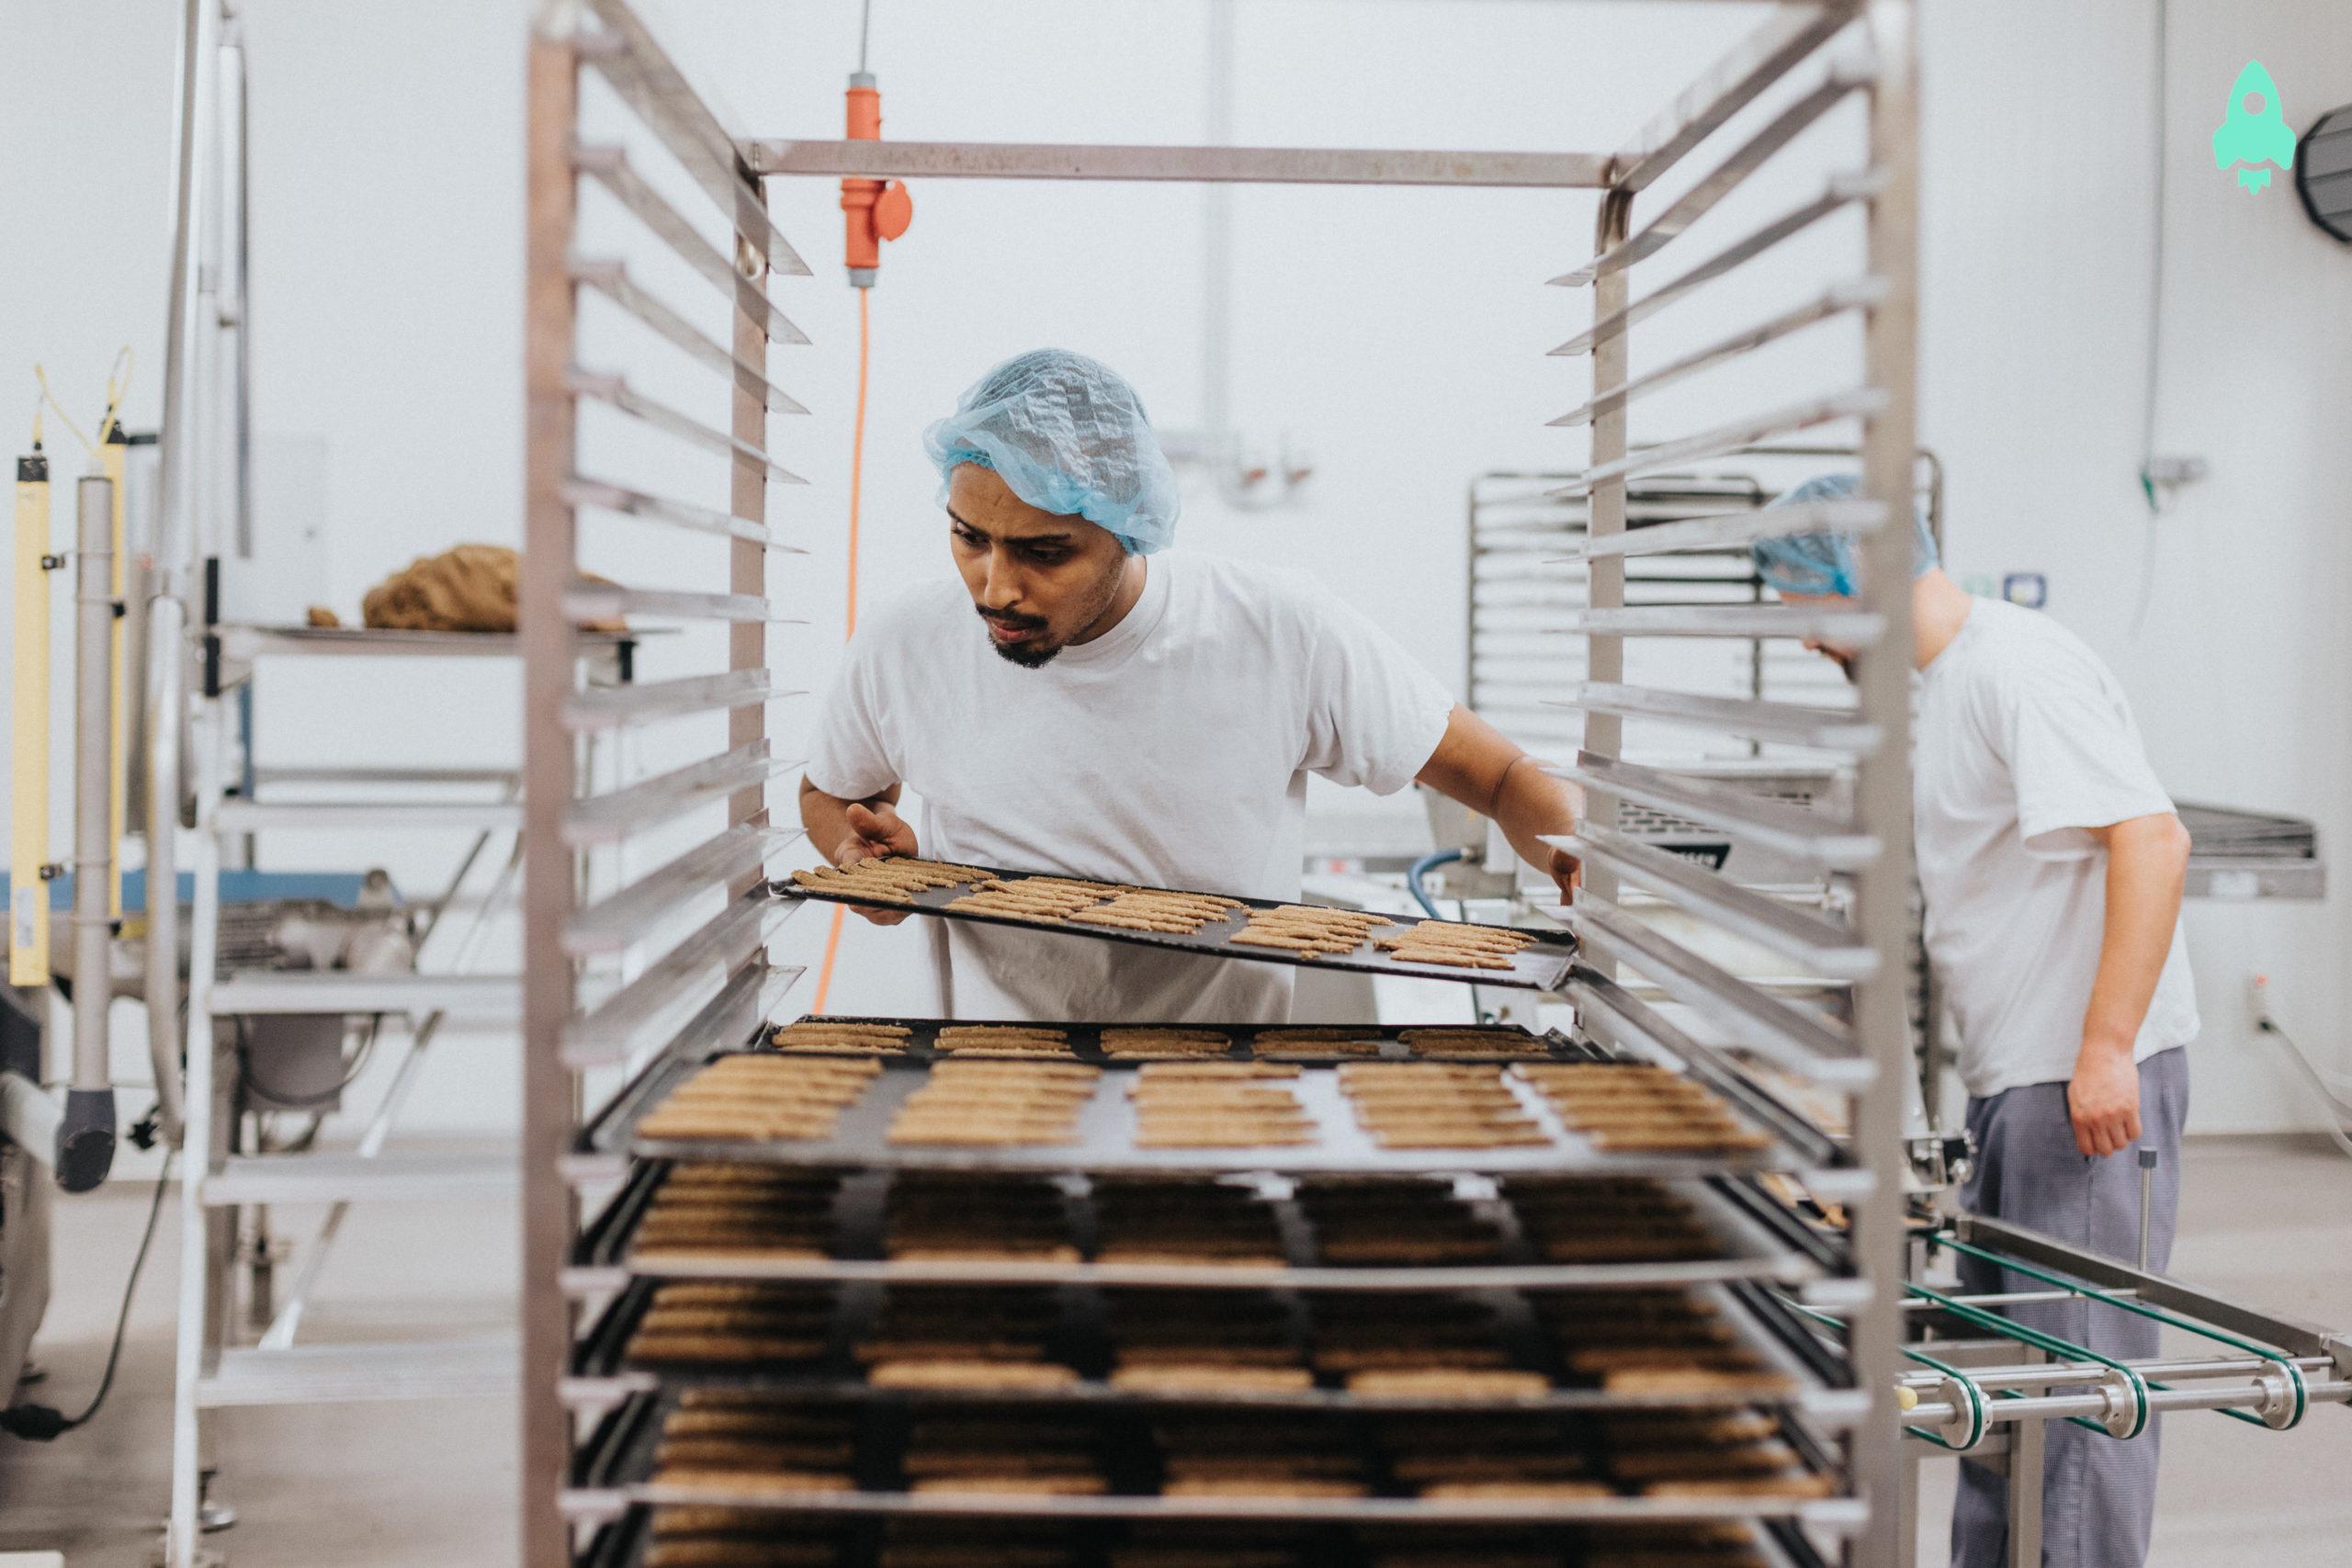 Generous Bakery x Meet My Job - 6